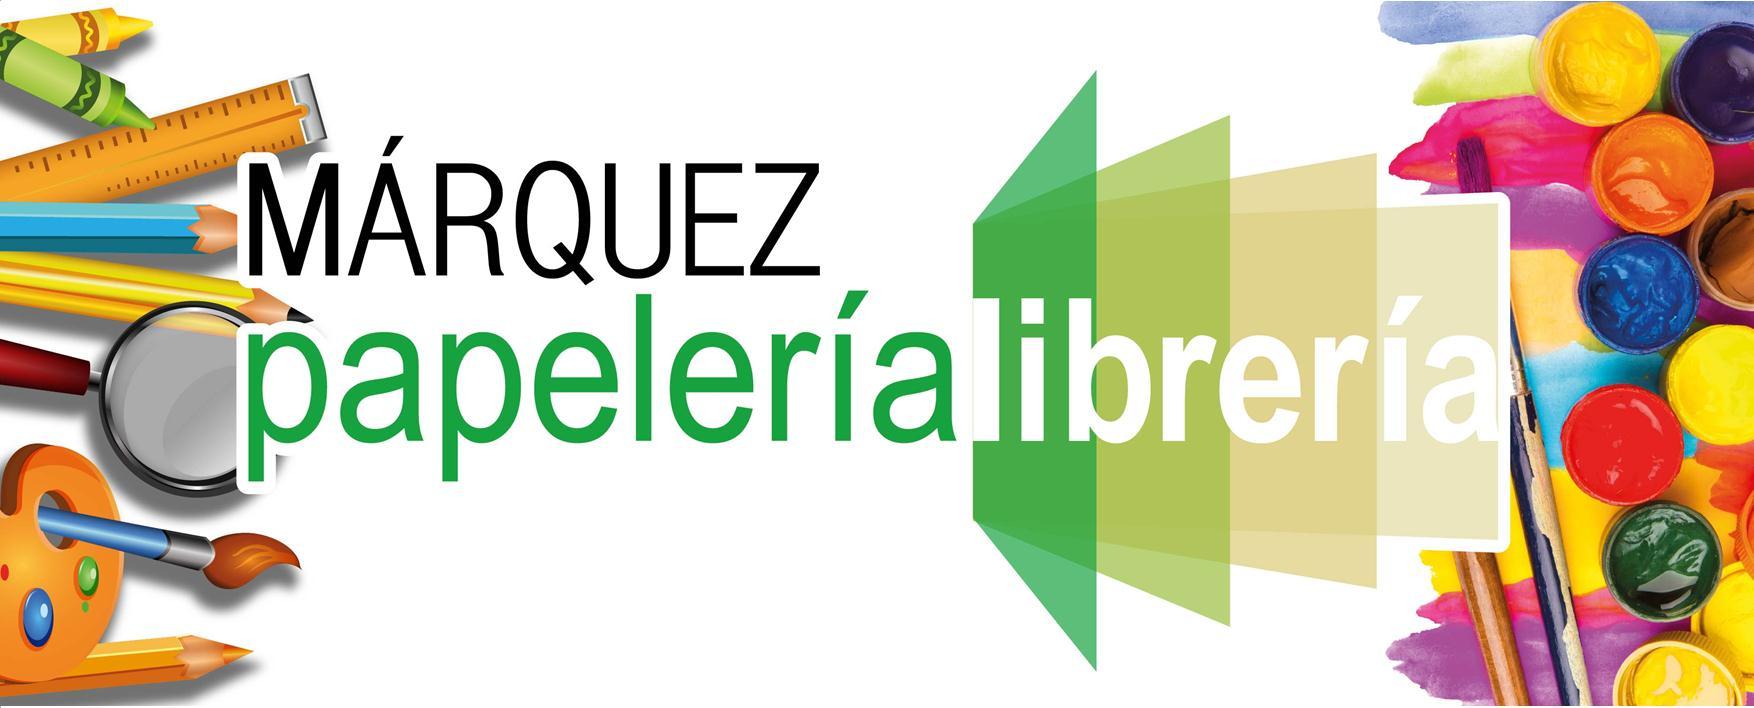 Papeleria Libreria Maquez